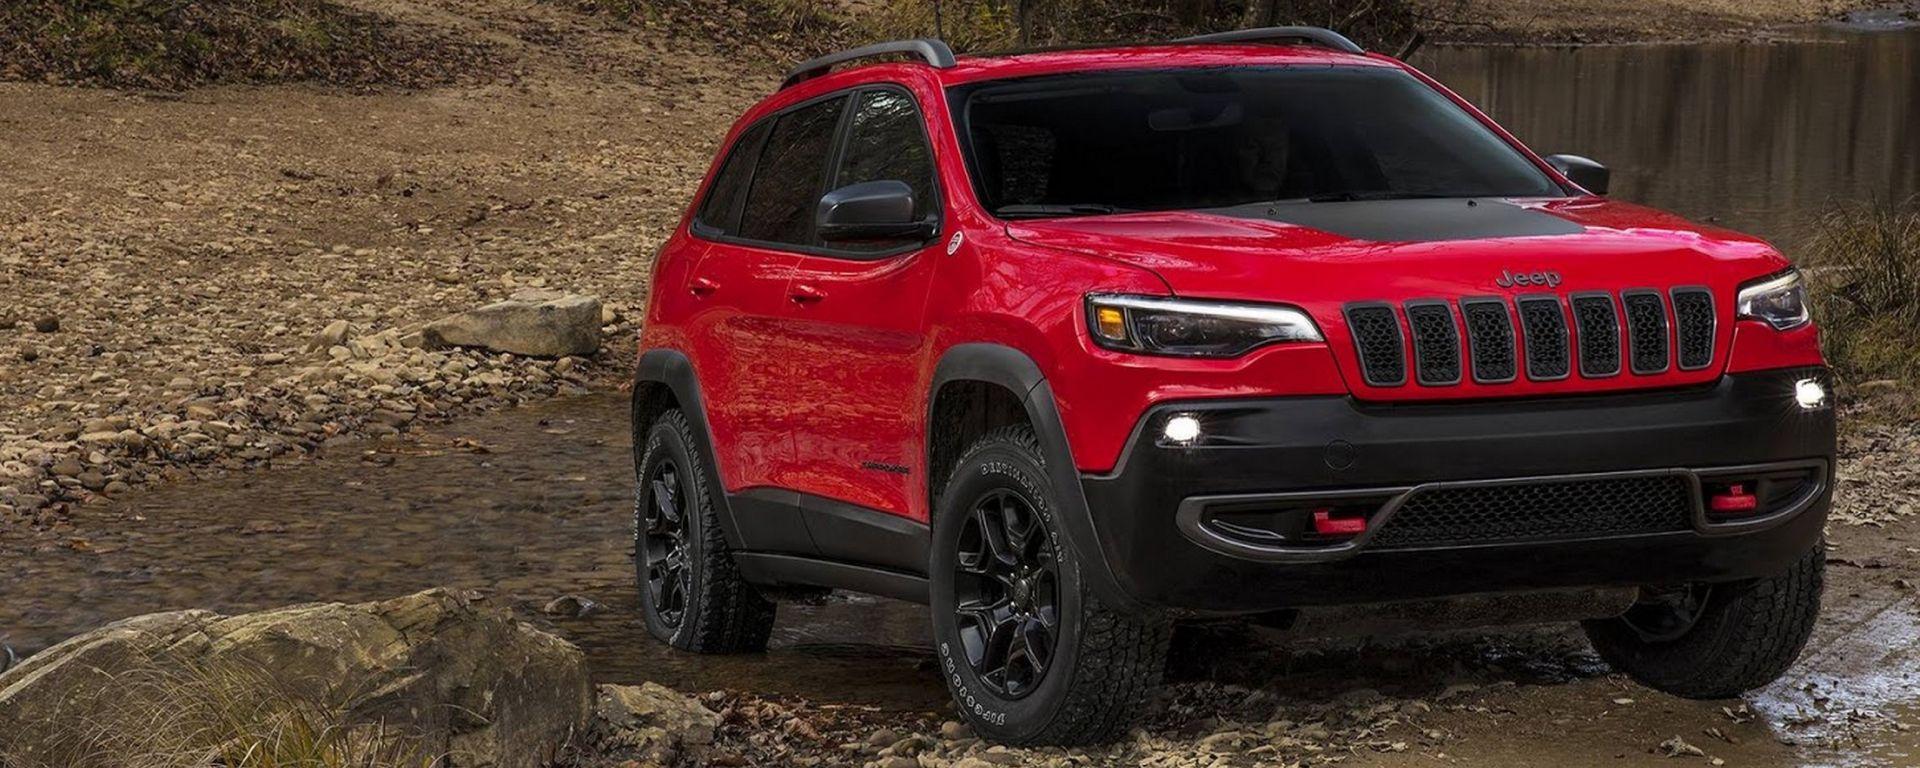 Anteprima Nuova Jeep Cherokee 2018 Foto Caratteristiche